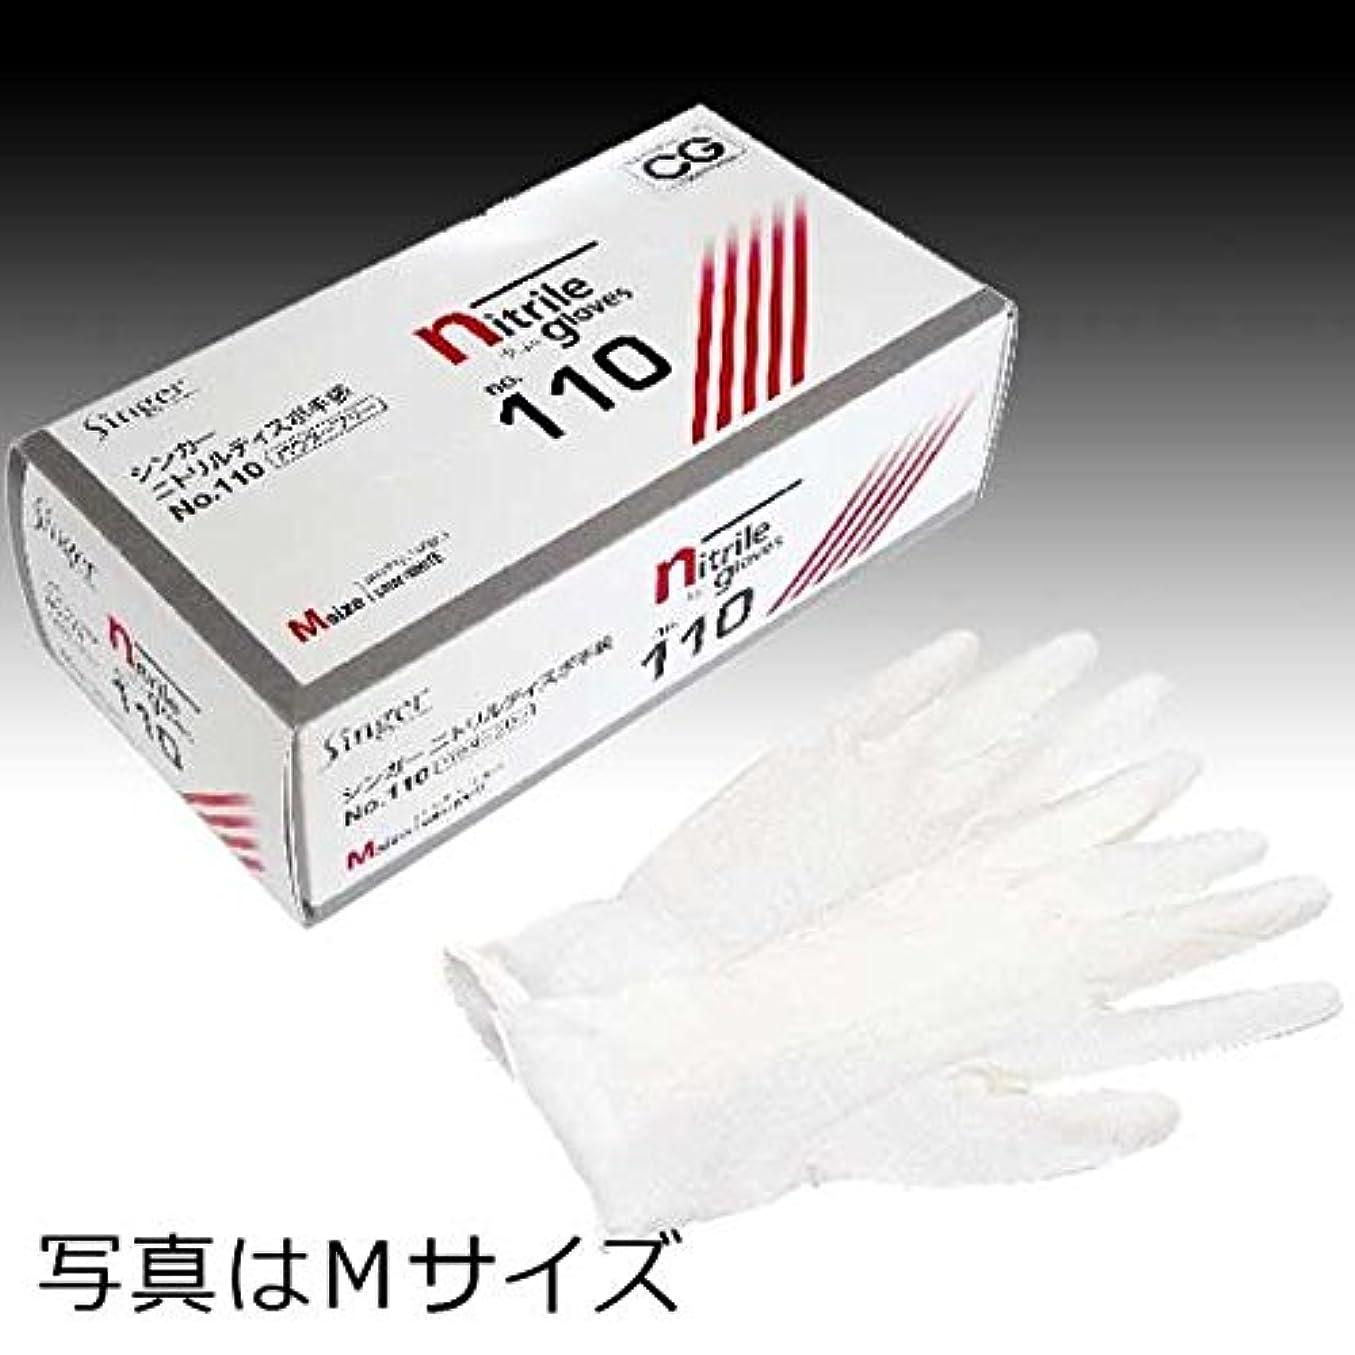 宴会彼の大いにシンガーニトリルディスポ No.100 使い捨て手袋 粉つき2000枚 (100枚入り×20箱) (L)